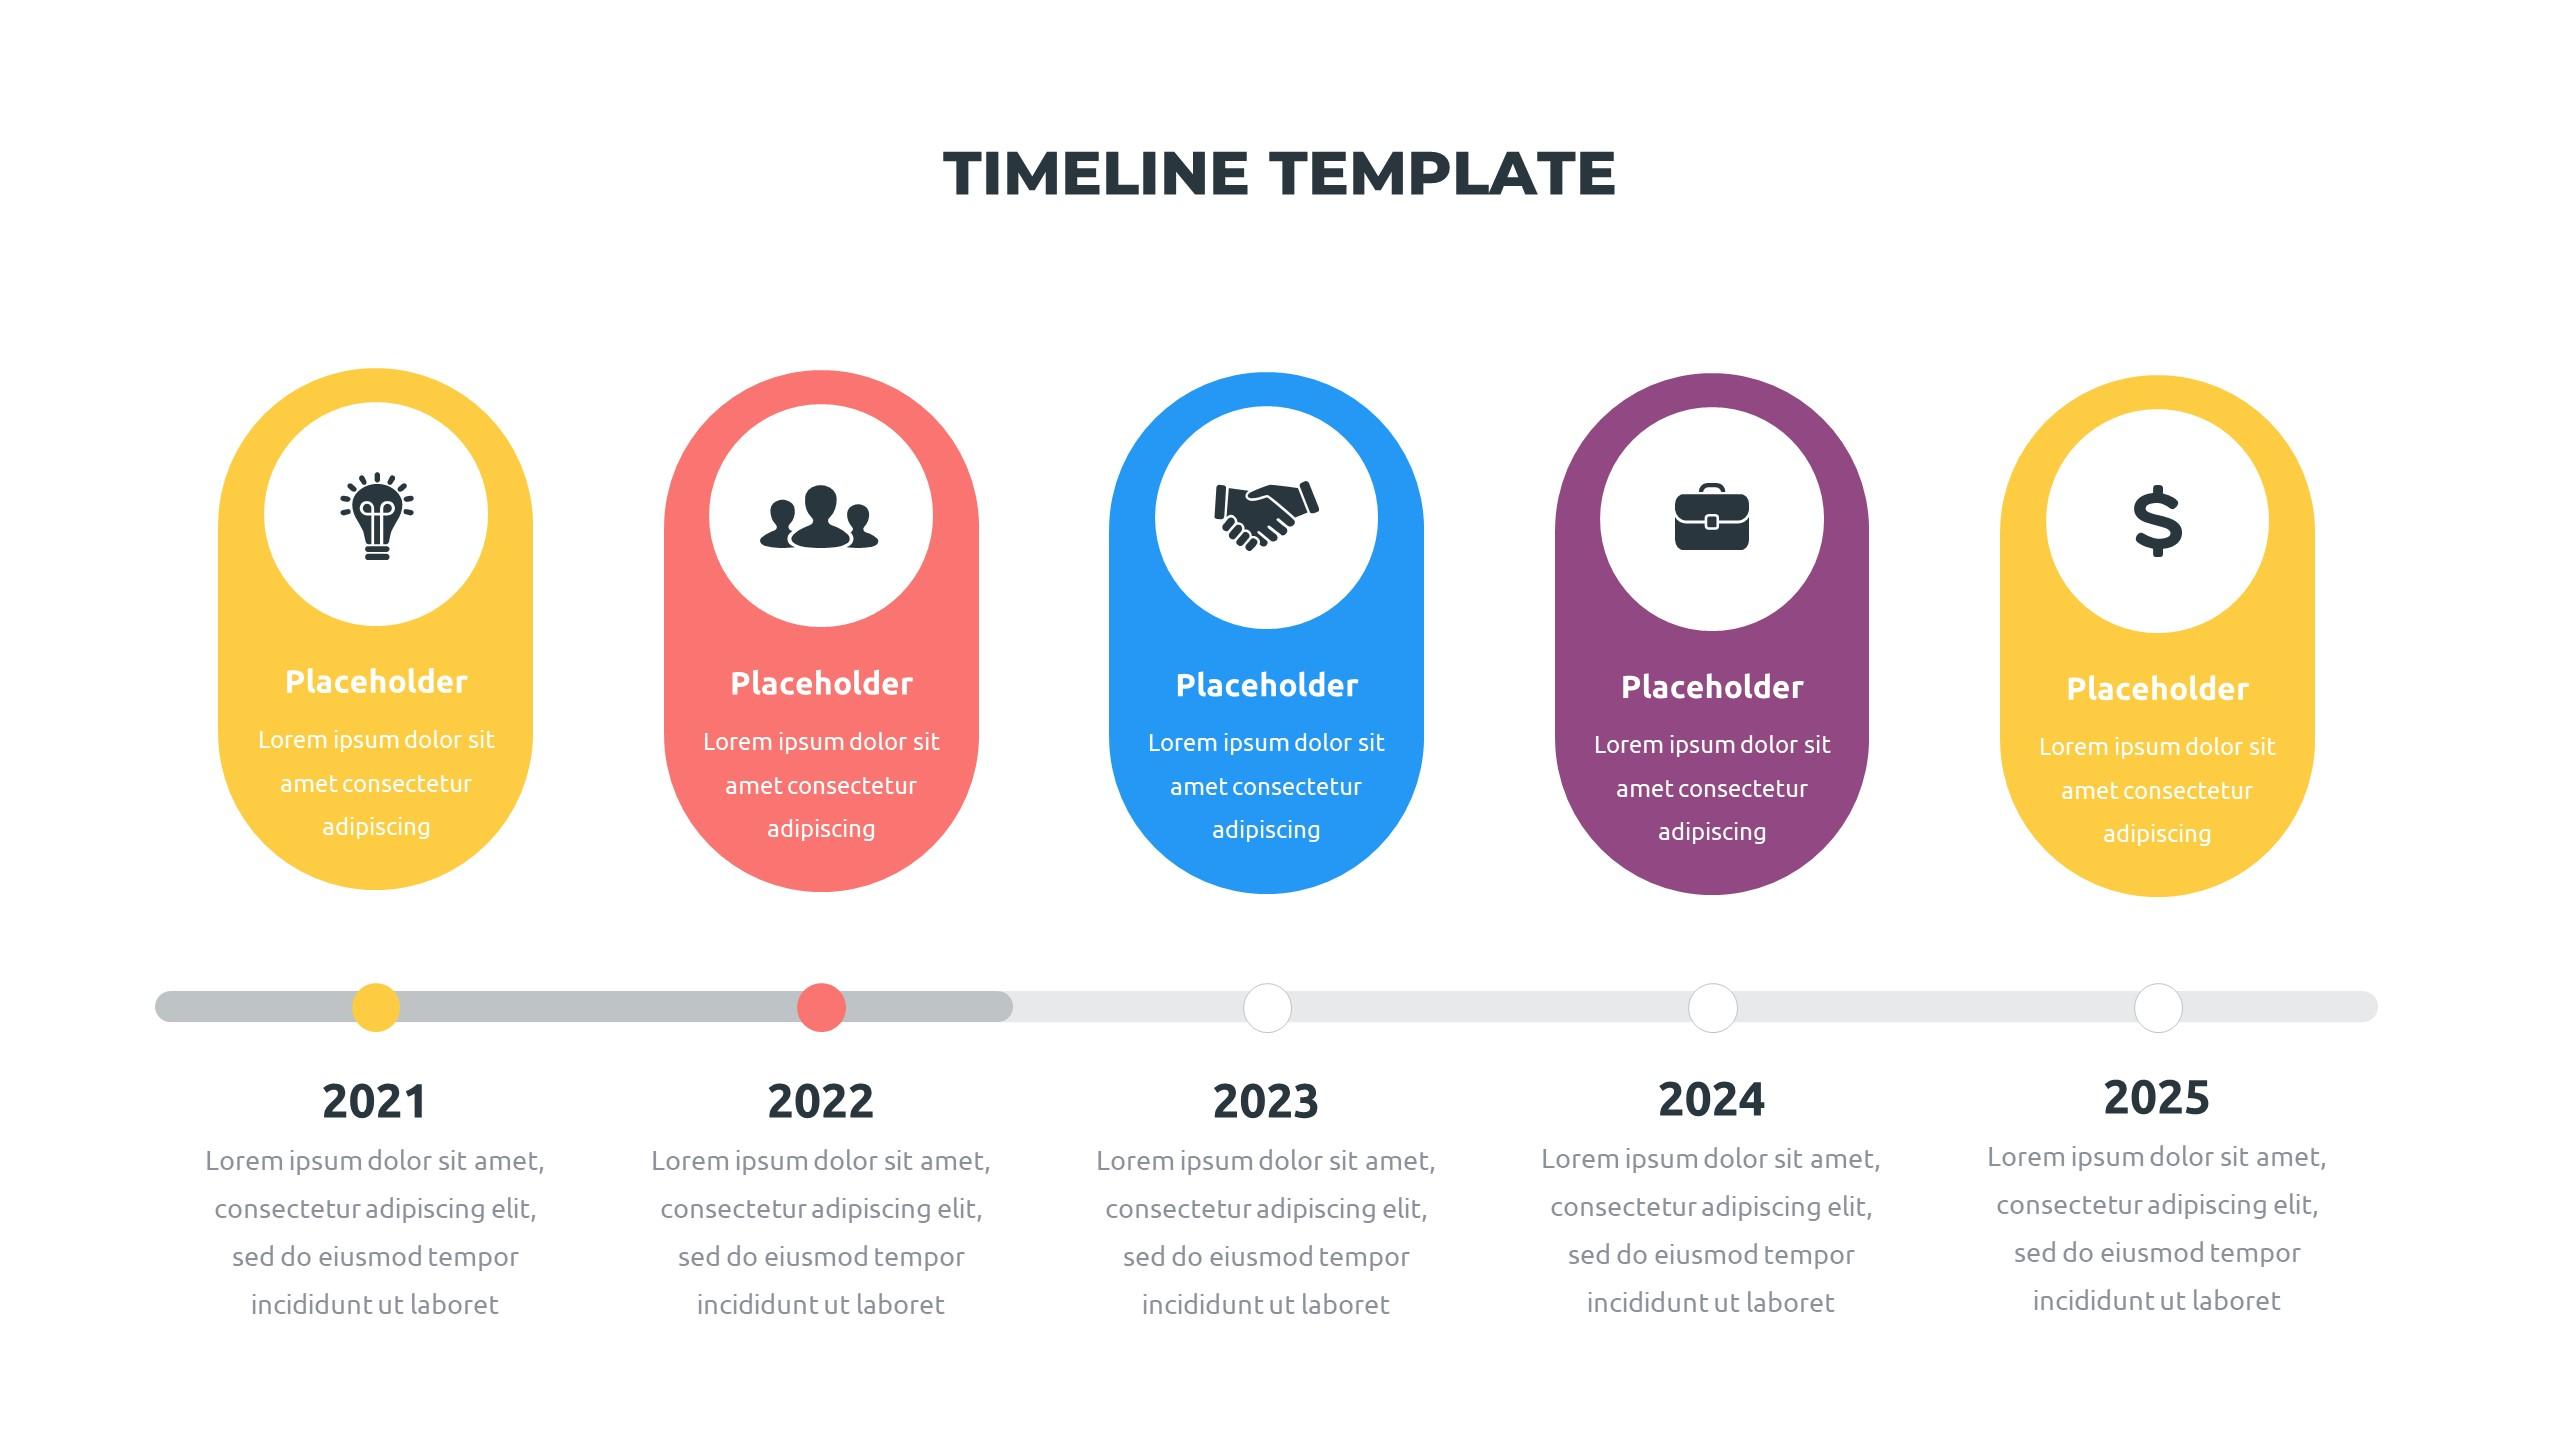 36 Timeline Presentation Templates: Powerpoint, Google Slides, Keynote - Slide30